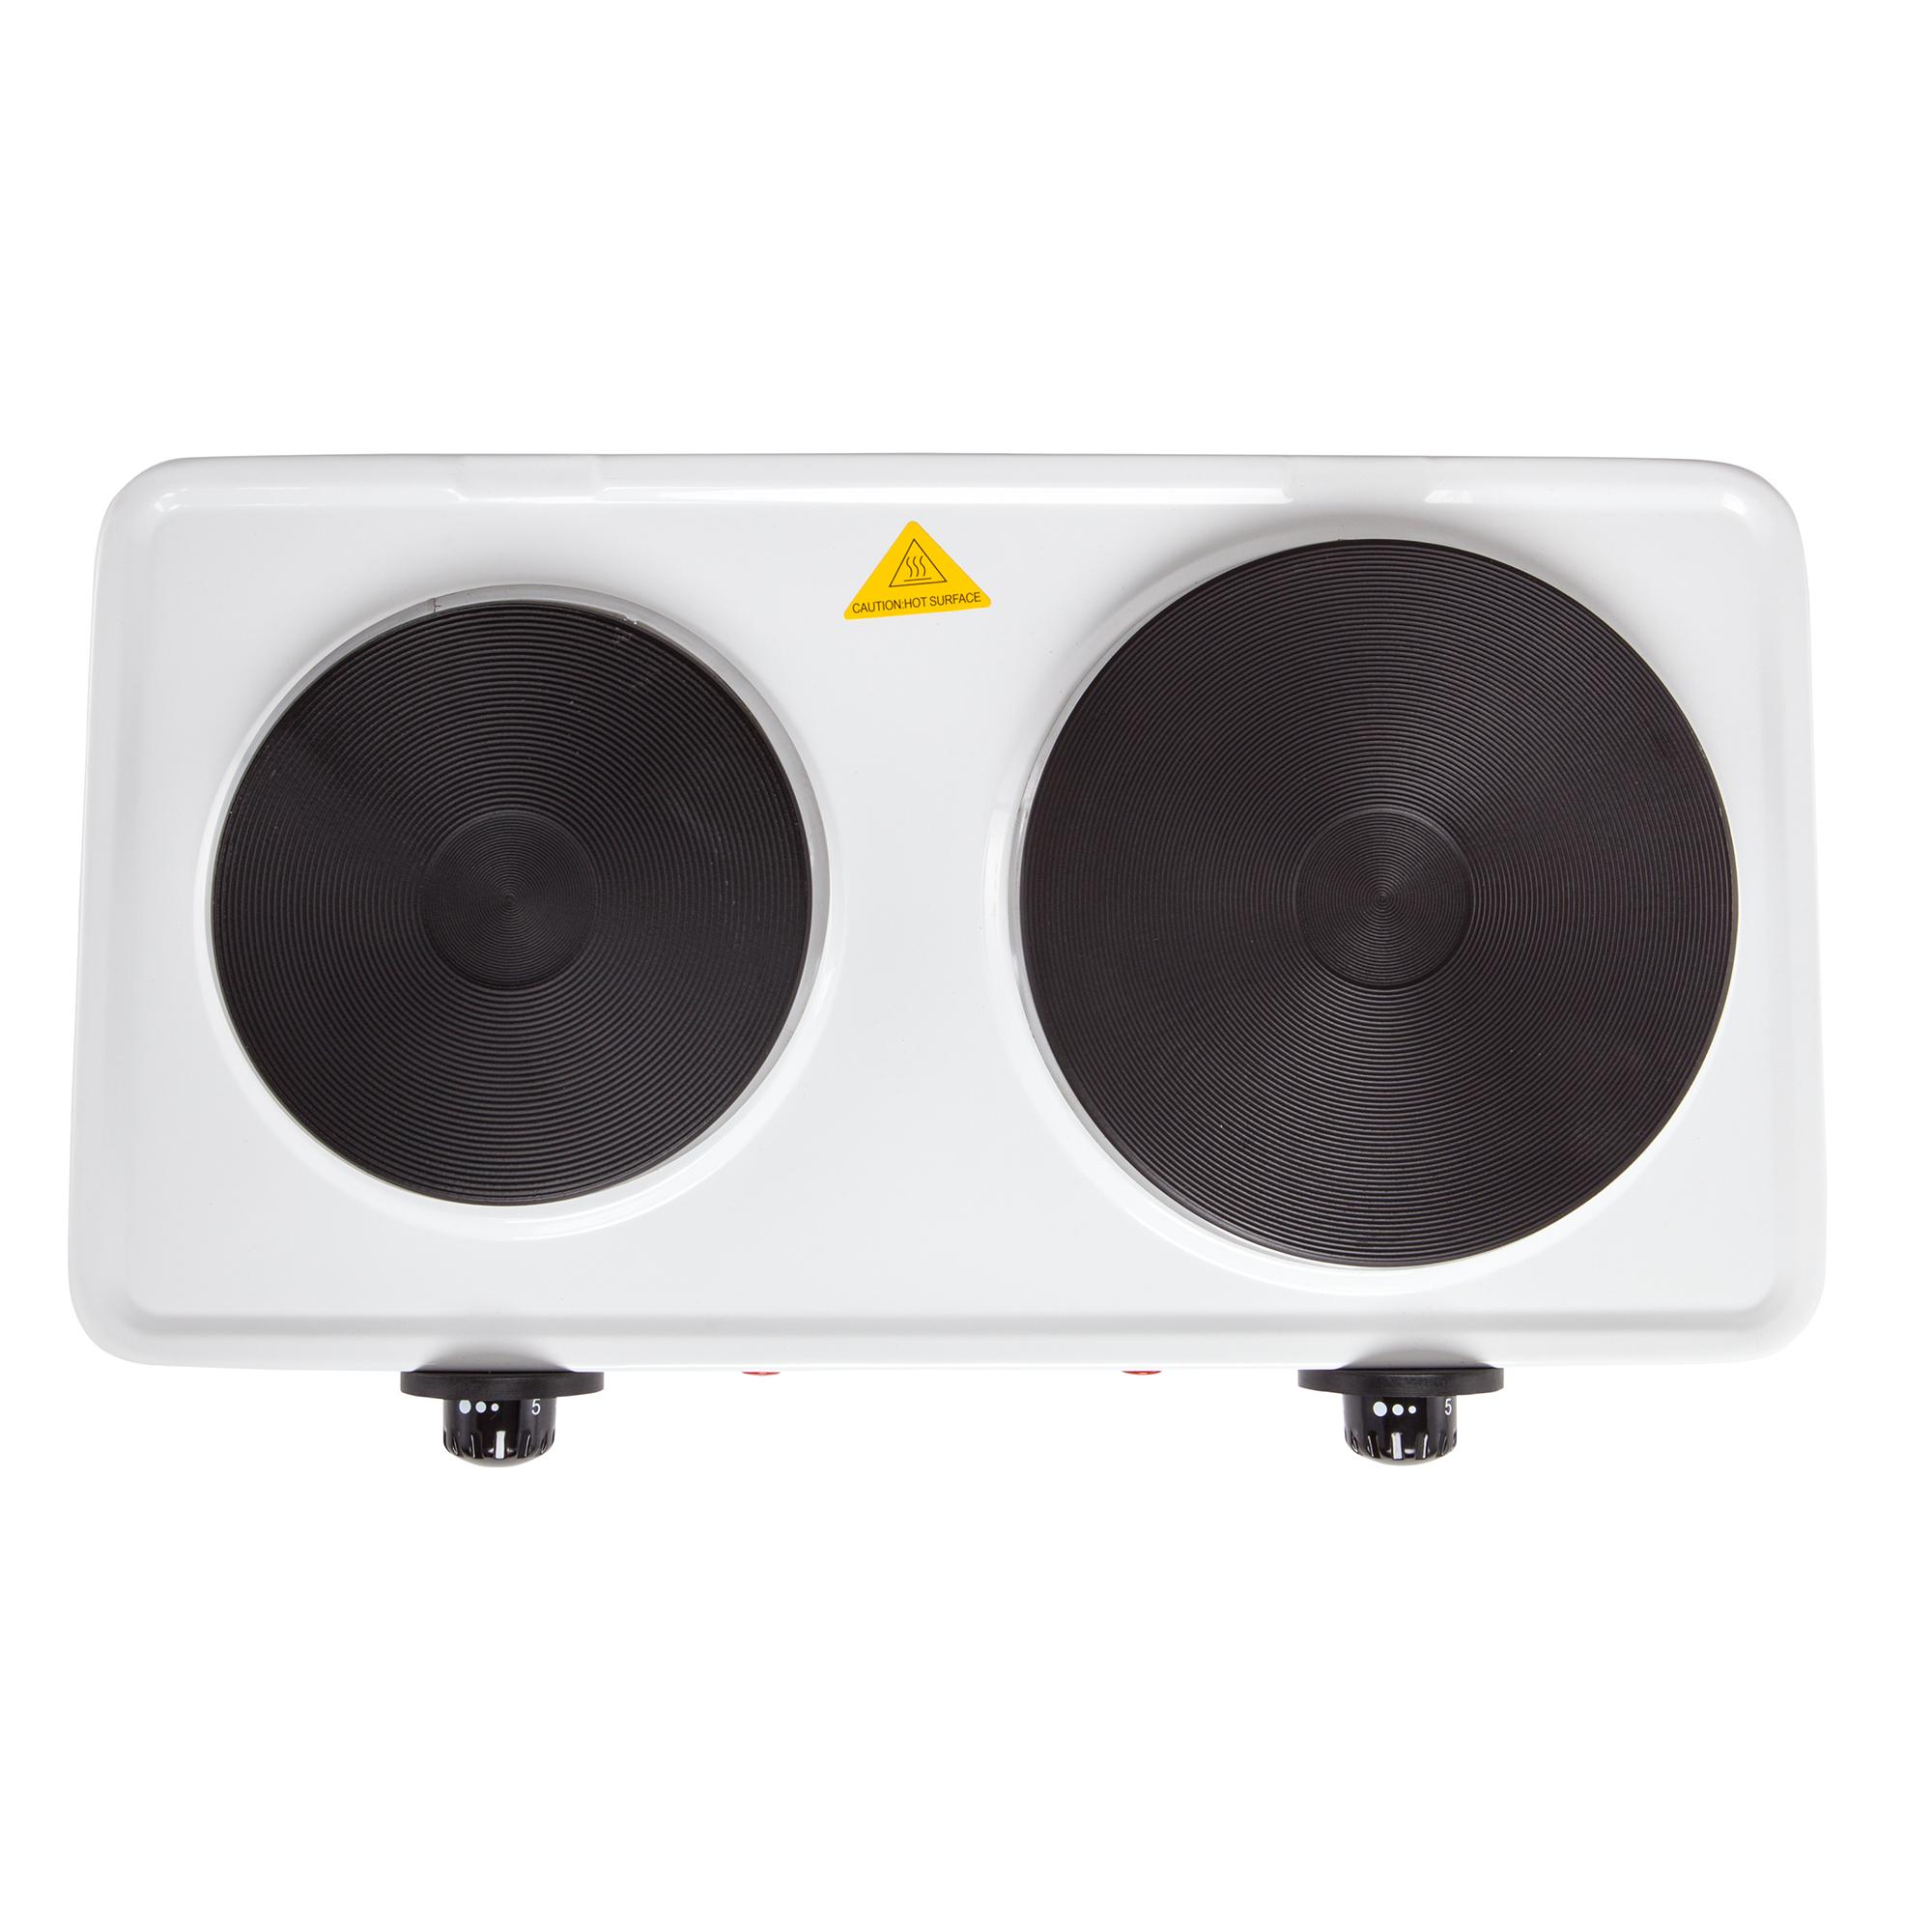 Adler AD-6504 Hornillo Eléctrico Doble, Regulador de Temperatura, Compacto, 154 y 185 mm, 2500W